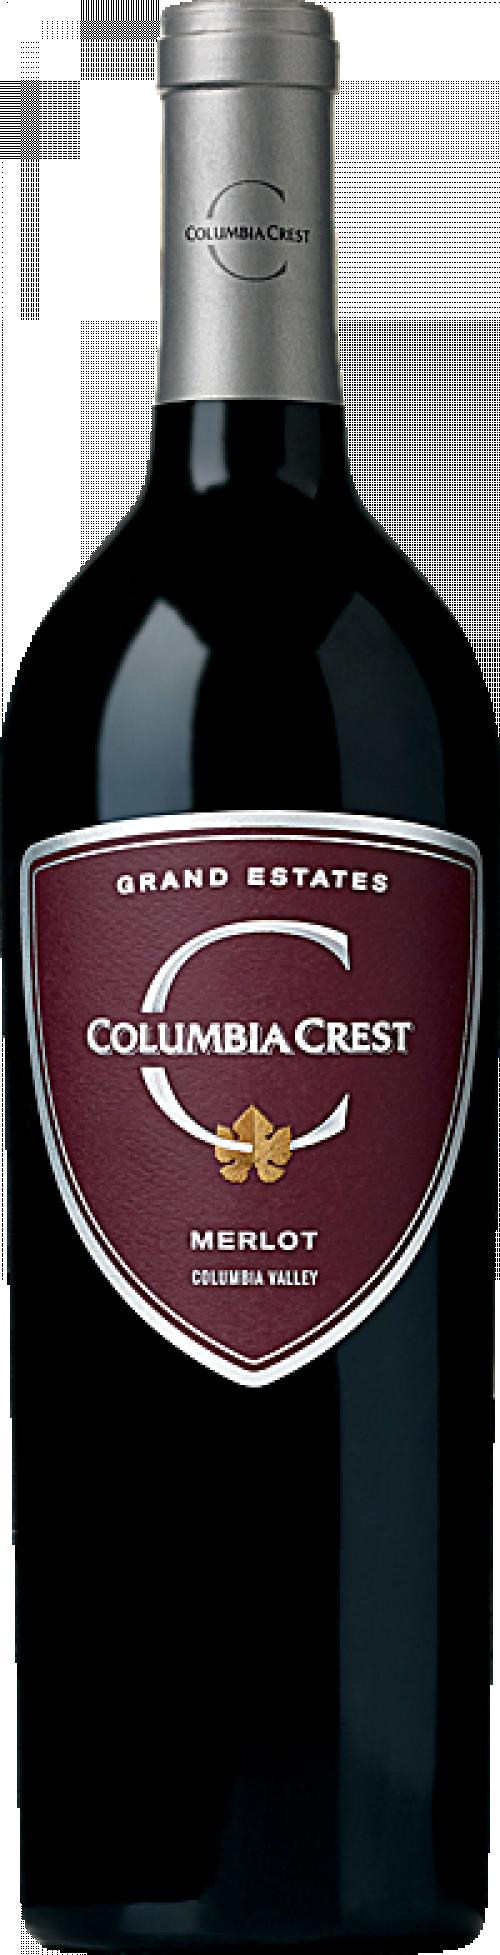 2016 Columbia Crest Grand Estates Merlot 750ml